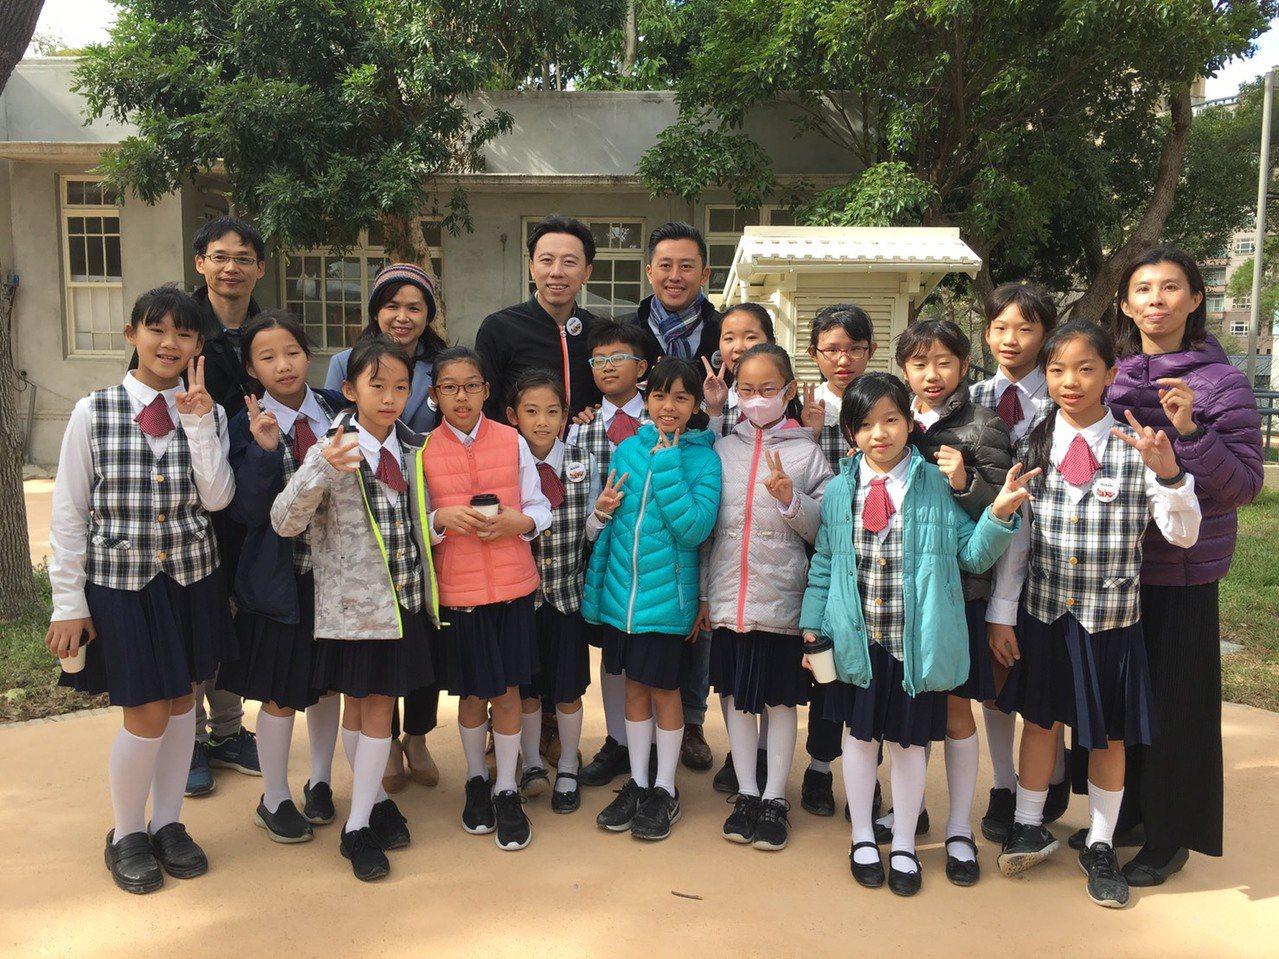 新竹市政府今天推出動物園專曲「熟悉的家園」,邀請金曲歌手黃建為重新編曲,希望民眾...